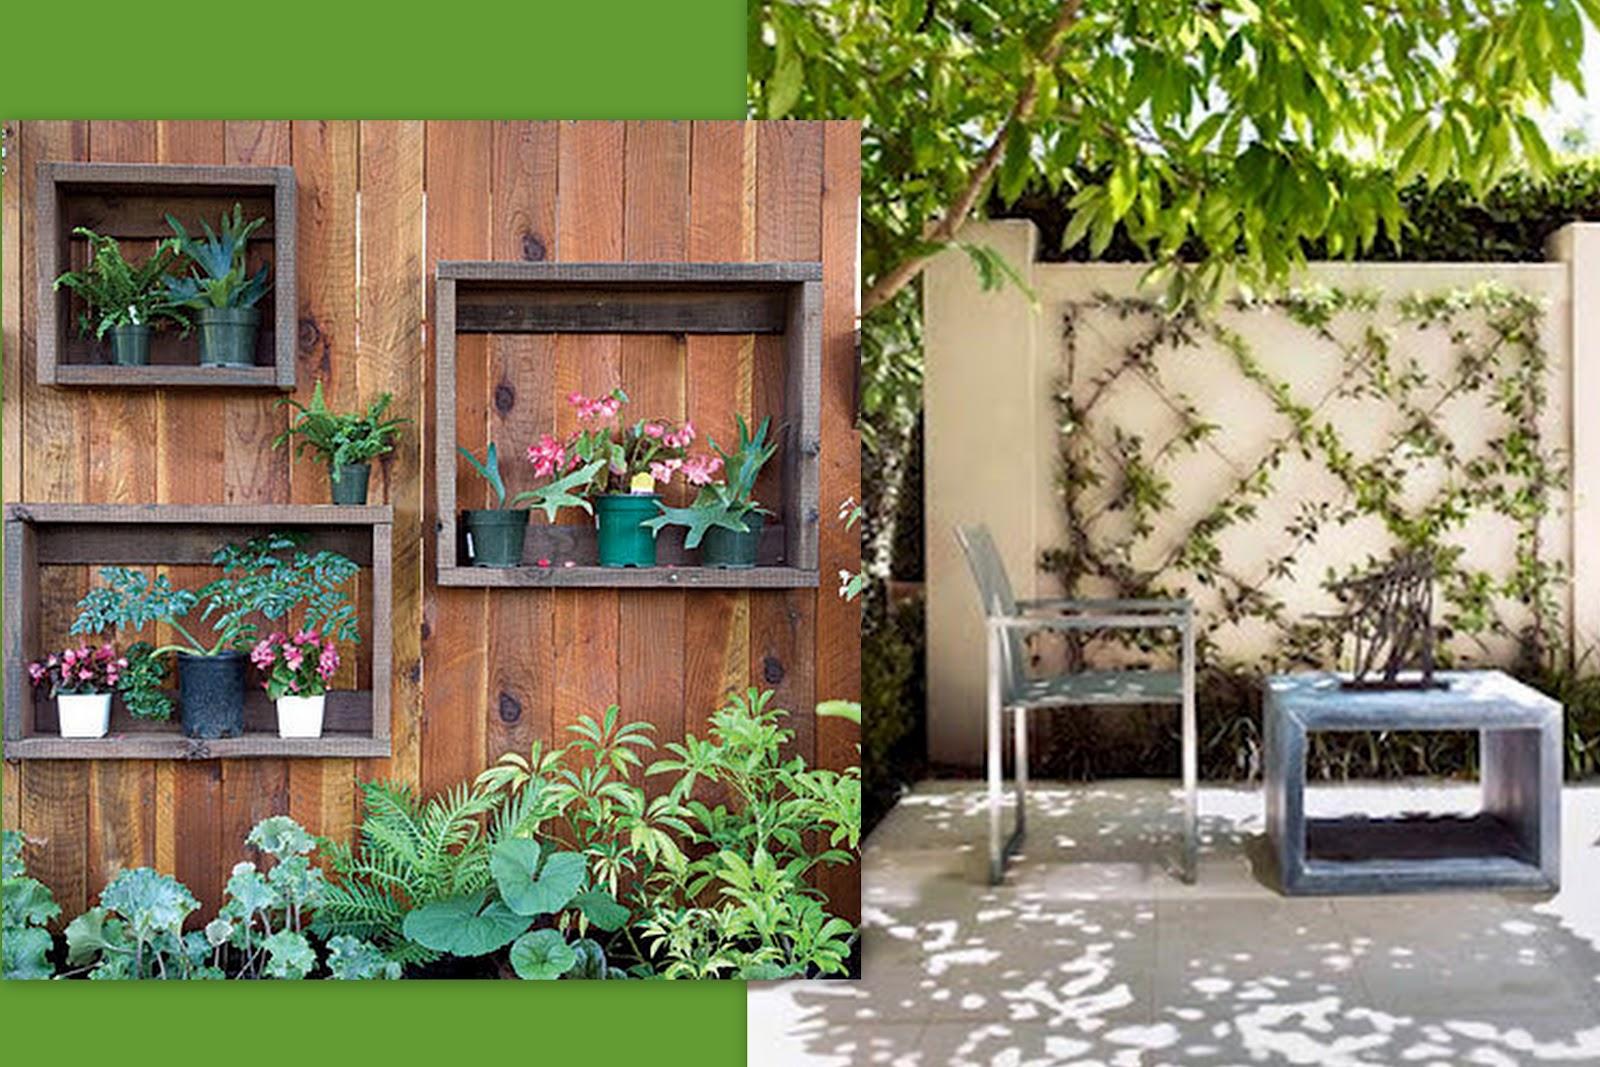 Como fazer um jardim vertical simples e barato? Decorando Casas #456920 1600x1067